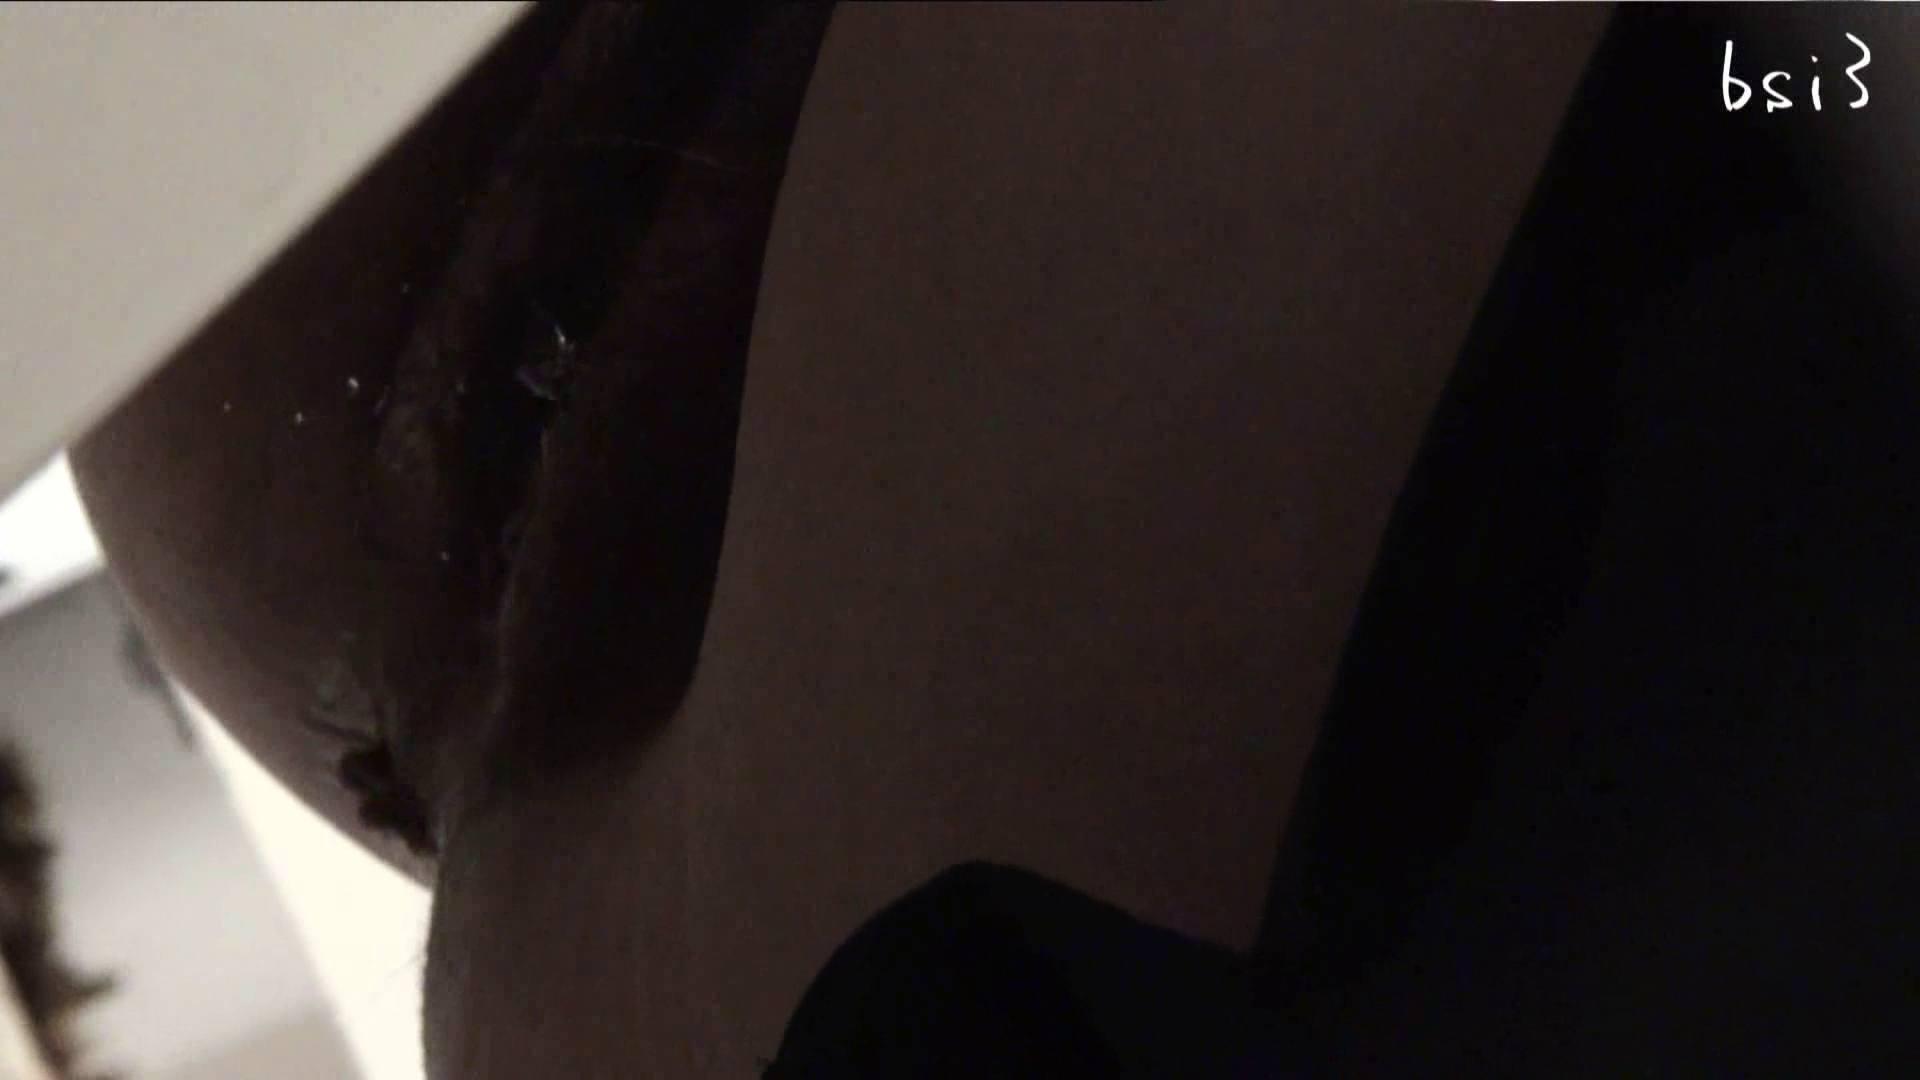 ナースのお小水 vol.003 OLのエロ生活 われめAV動画紹介 101連発 56